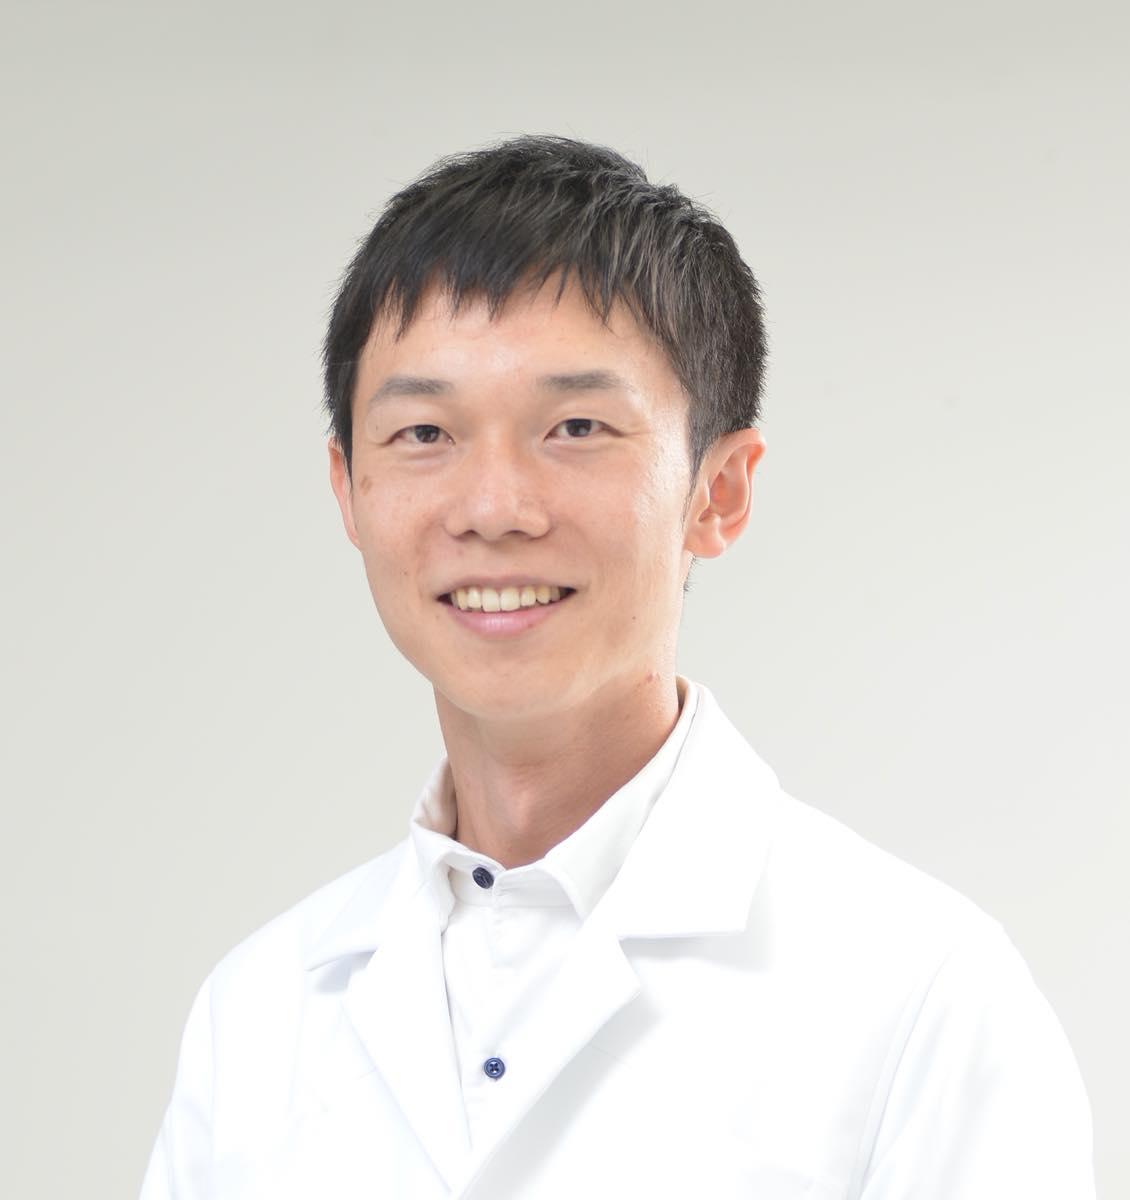 オンライン診療 担当医師紹介